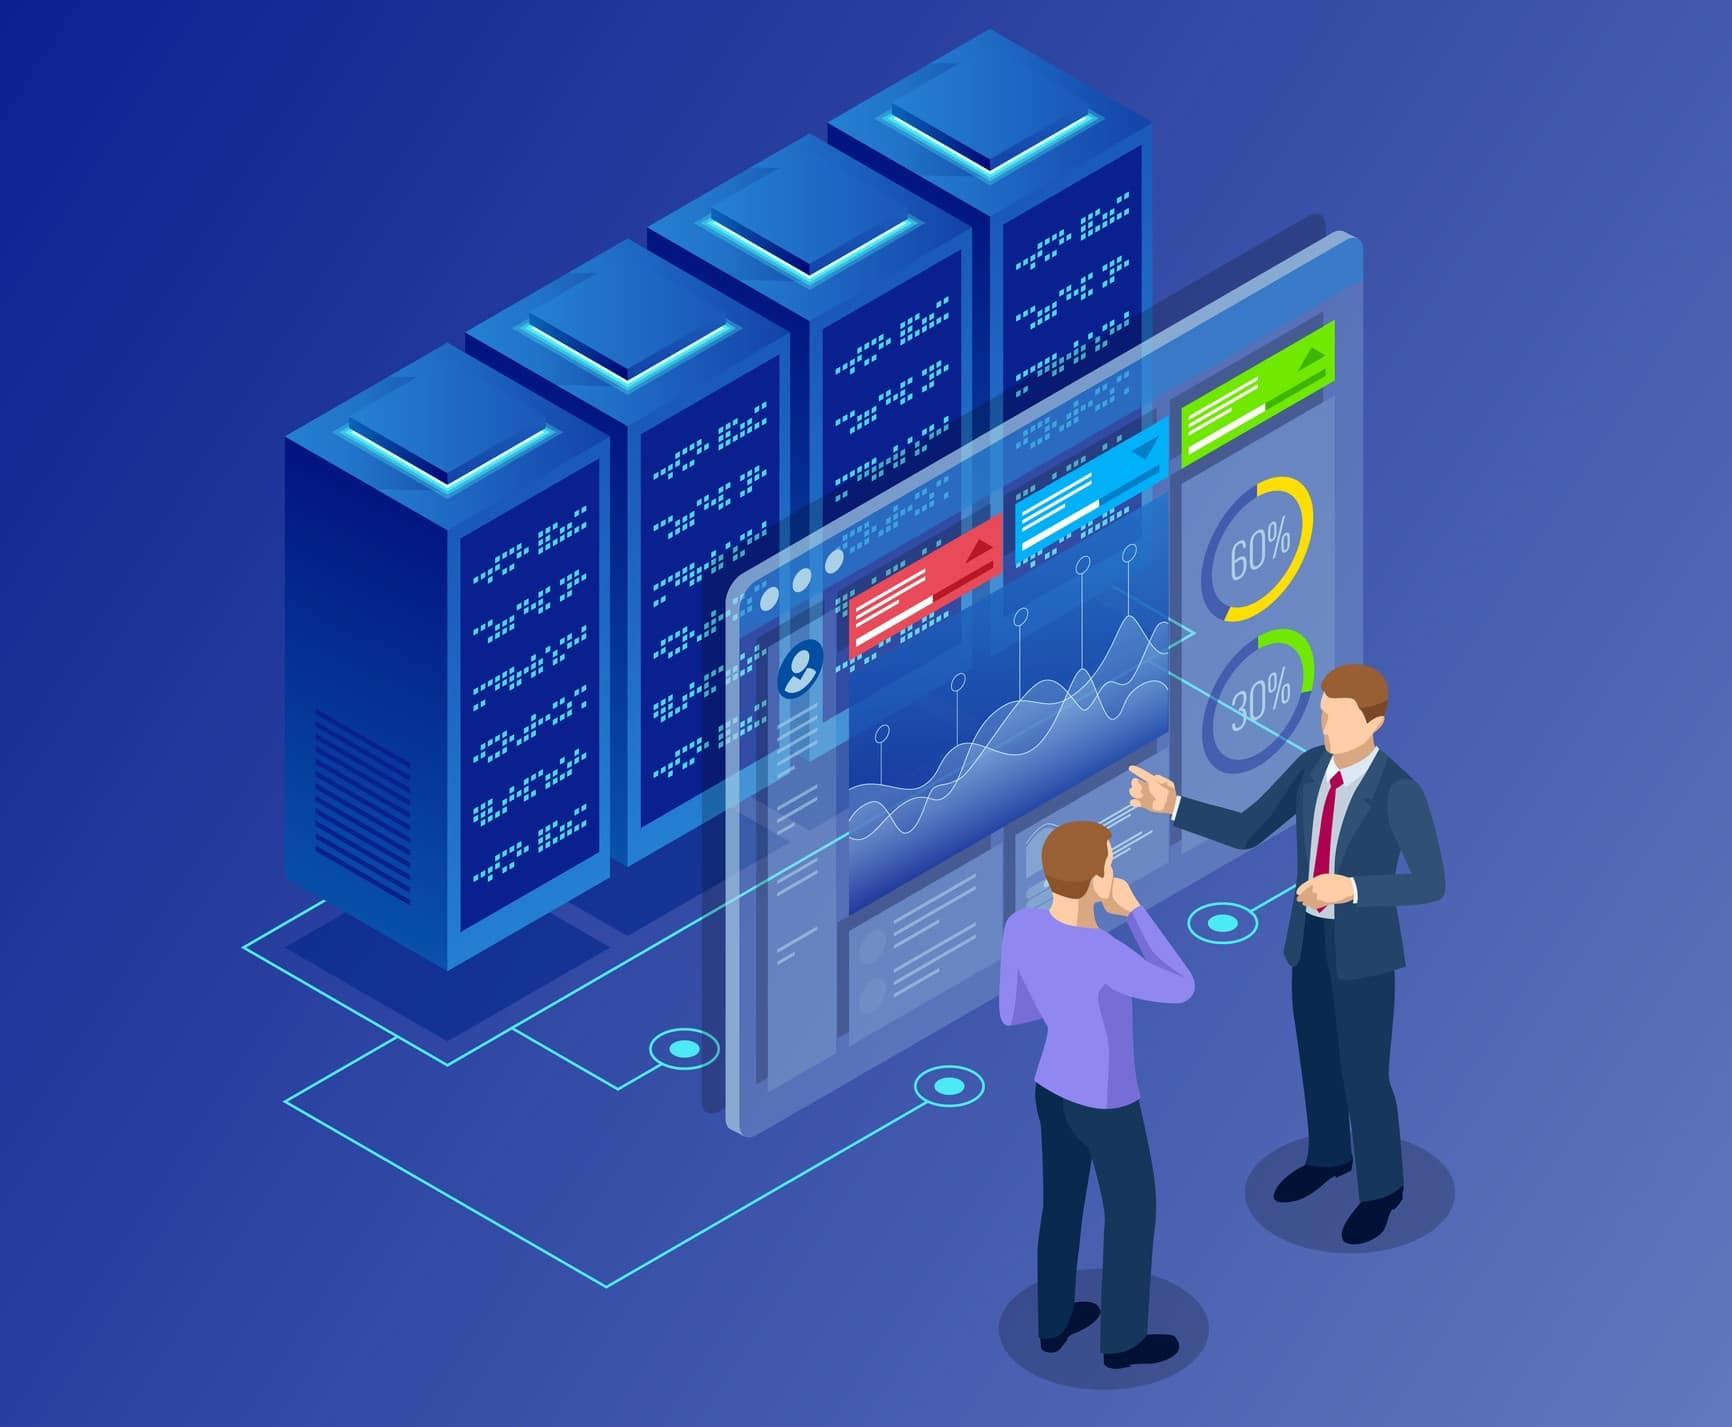 6 dicas para otimizar a gestão de servidores